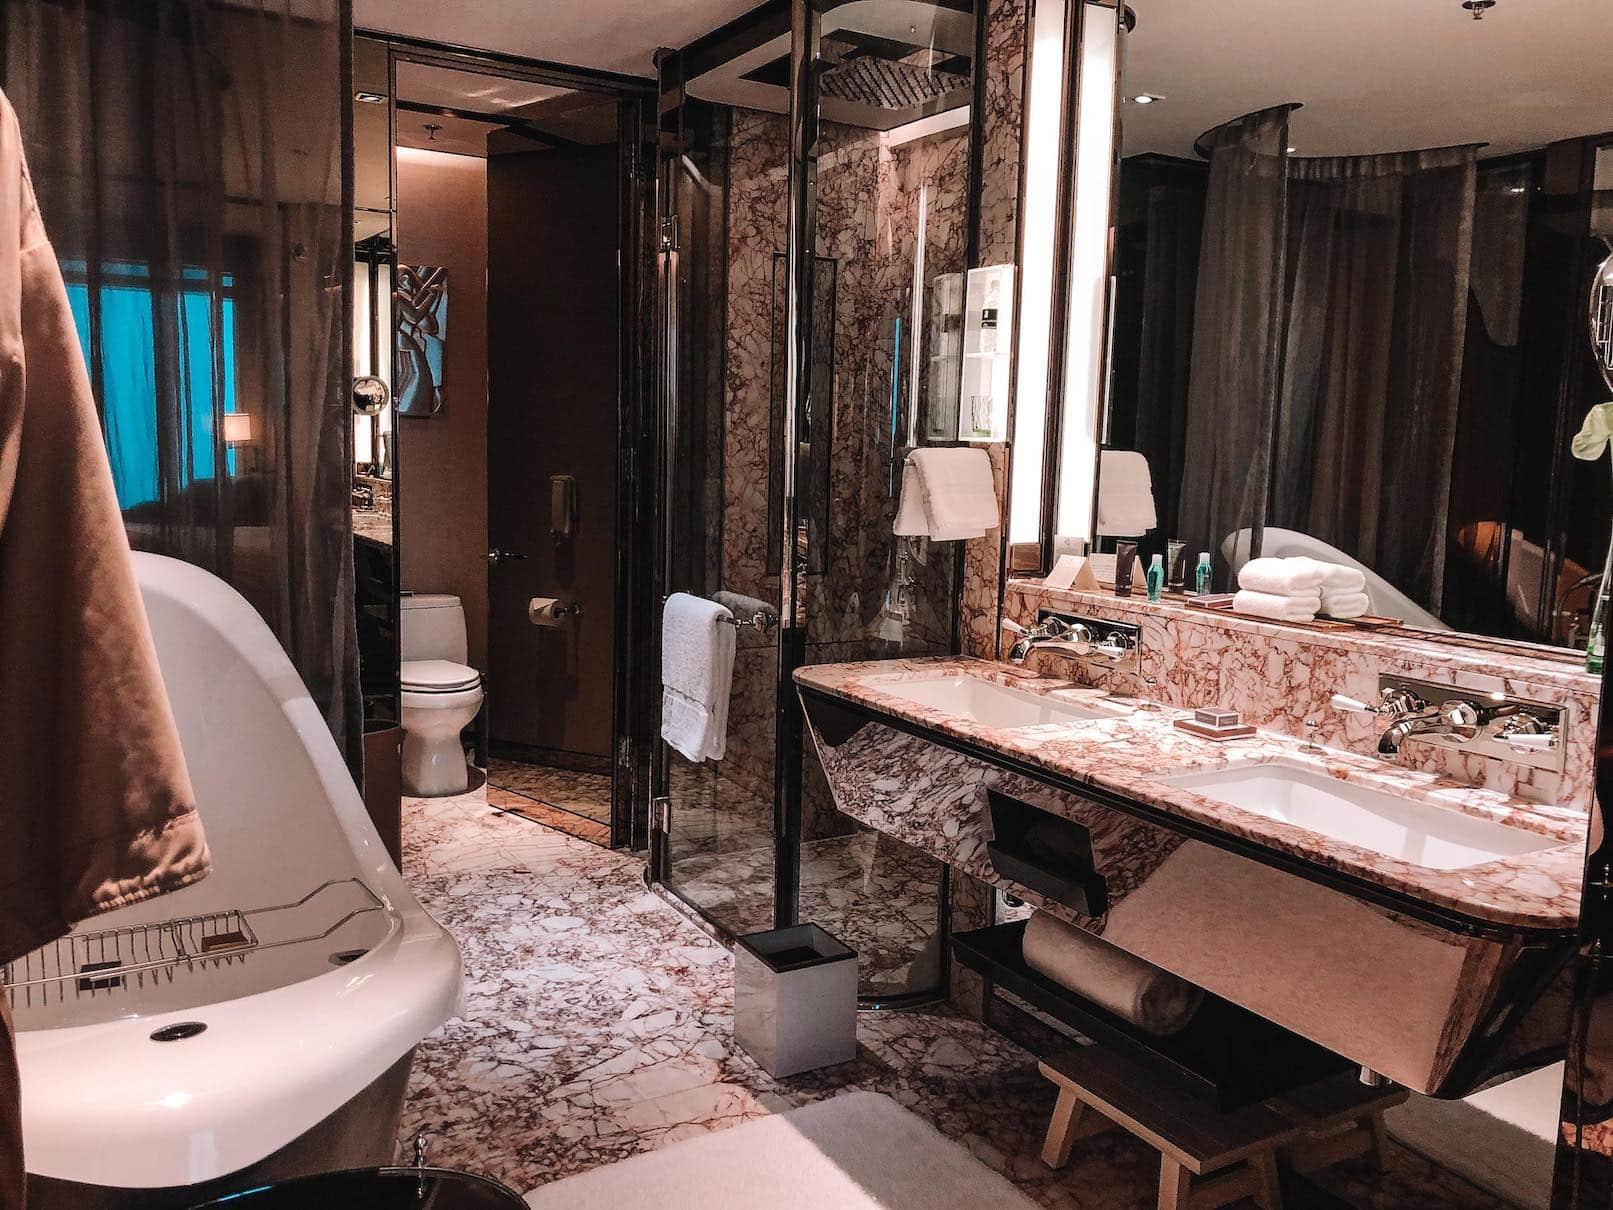 The Ritz-Carlton Shanghai, 5-stjernes hotell